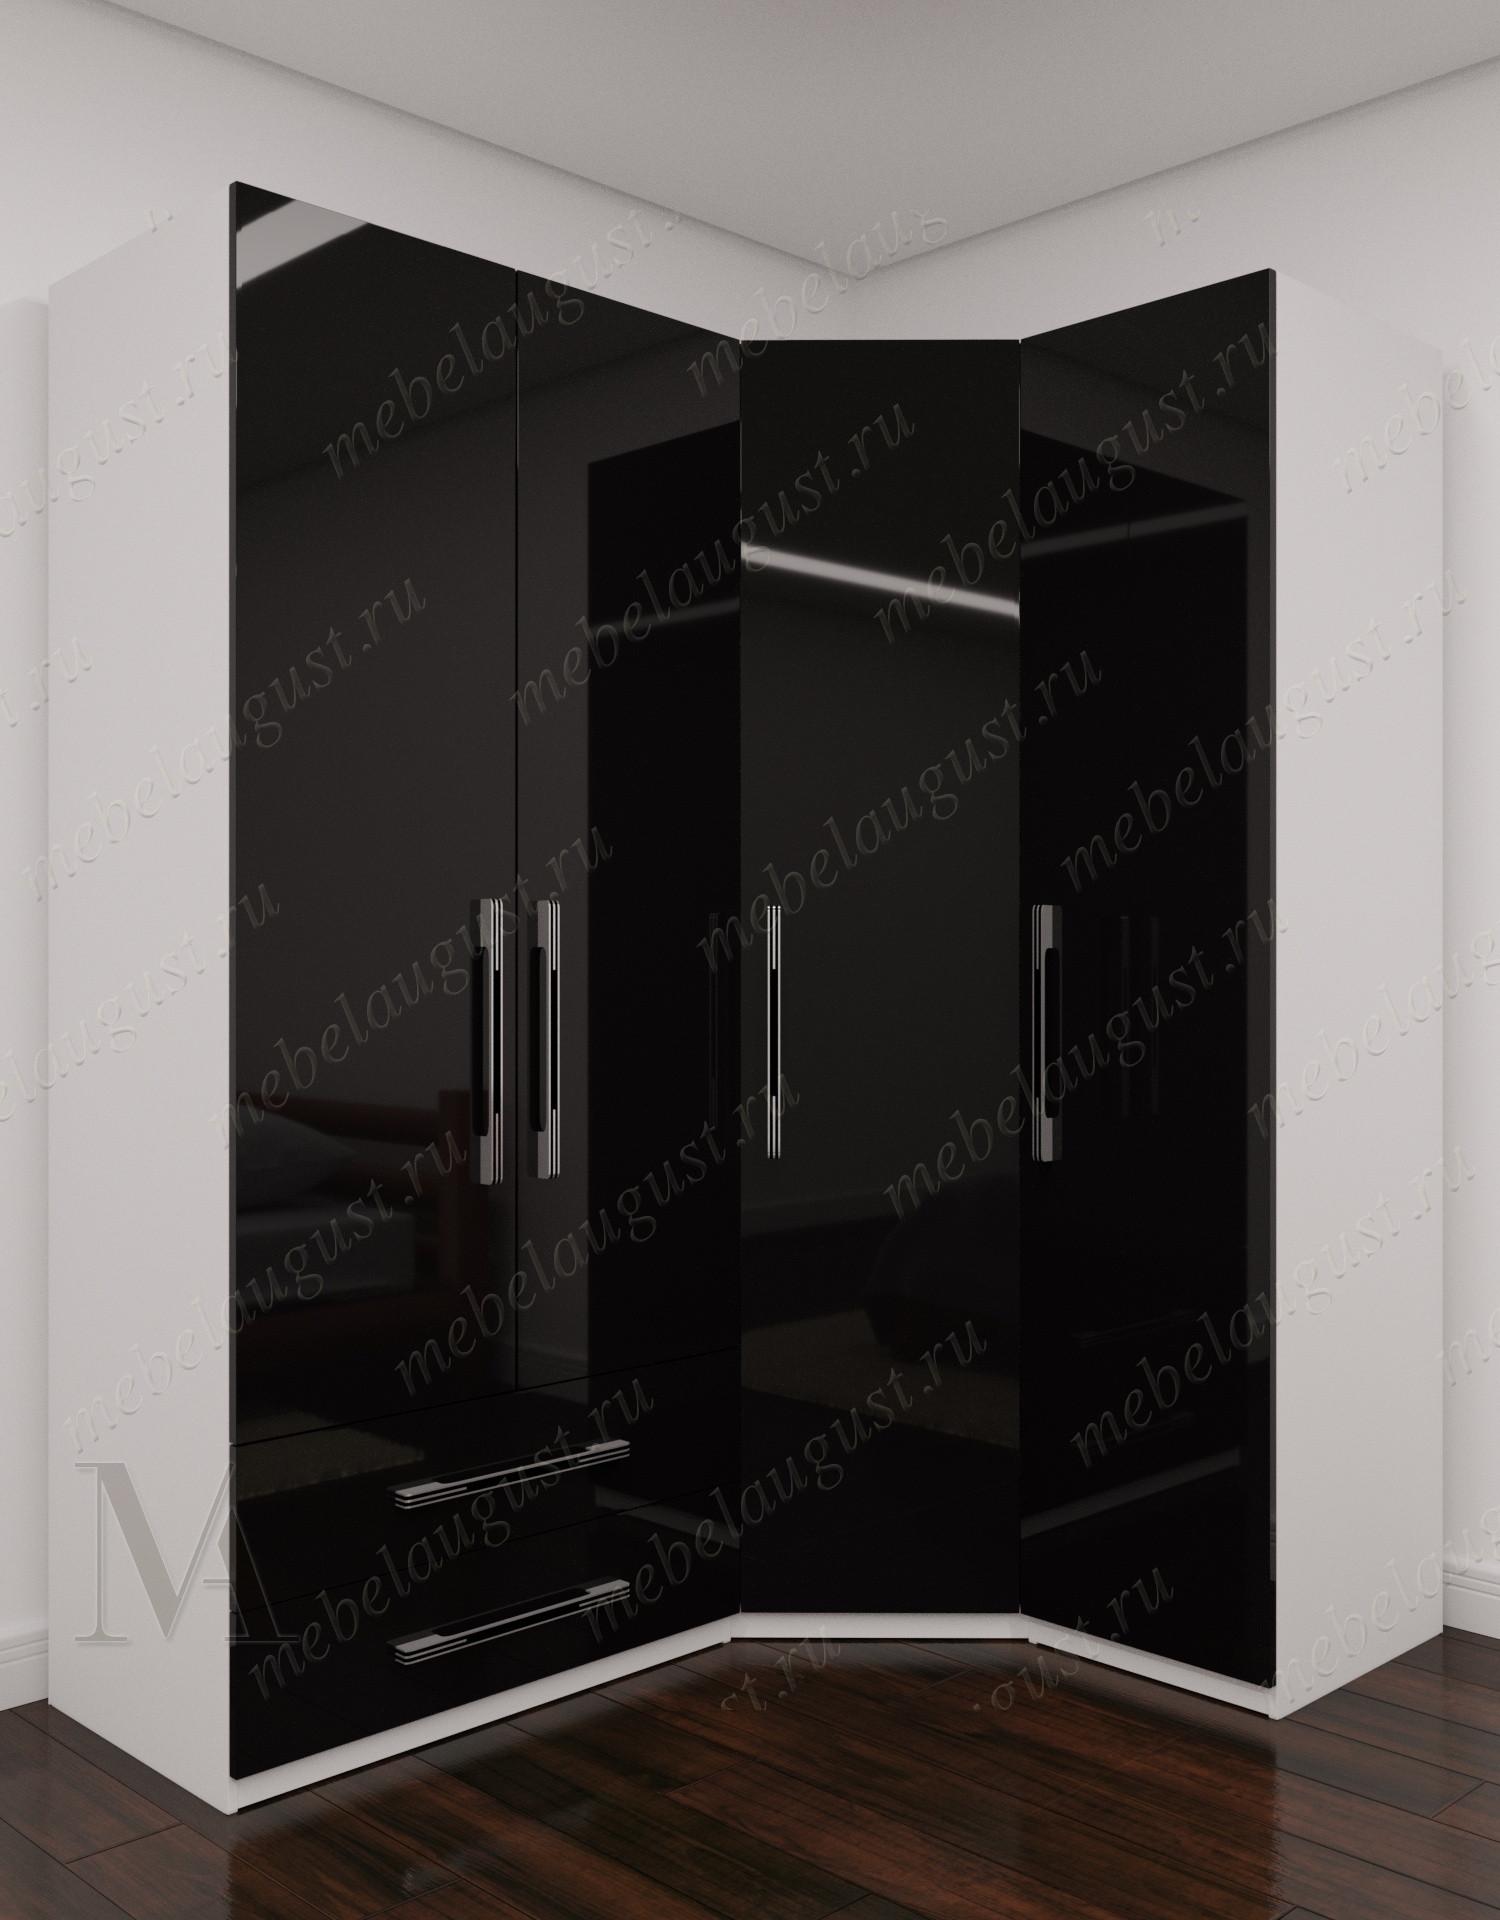 Большой распашной шкаф для одежды с ящиками для мелочей в спальню цвета черно-белый глянец